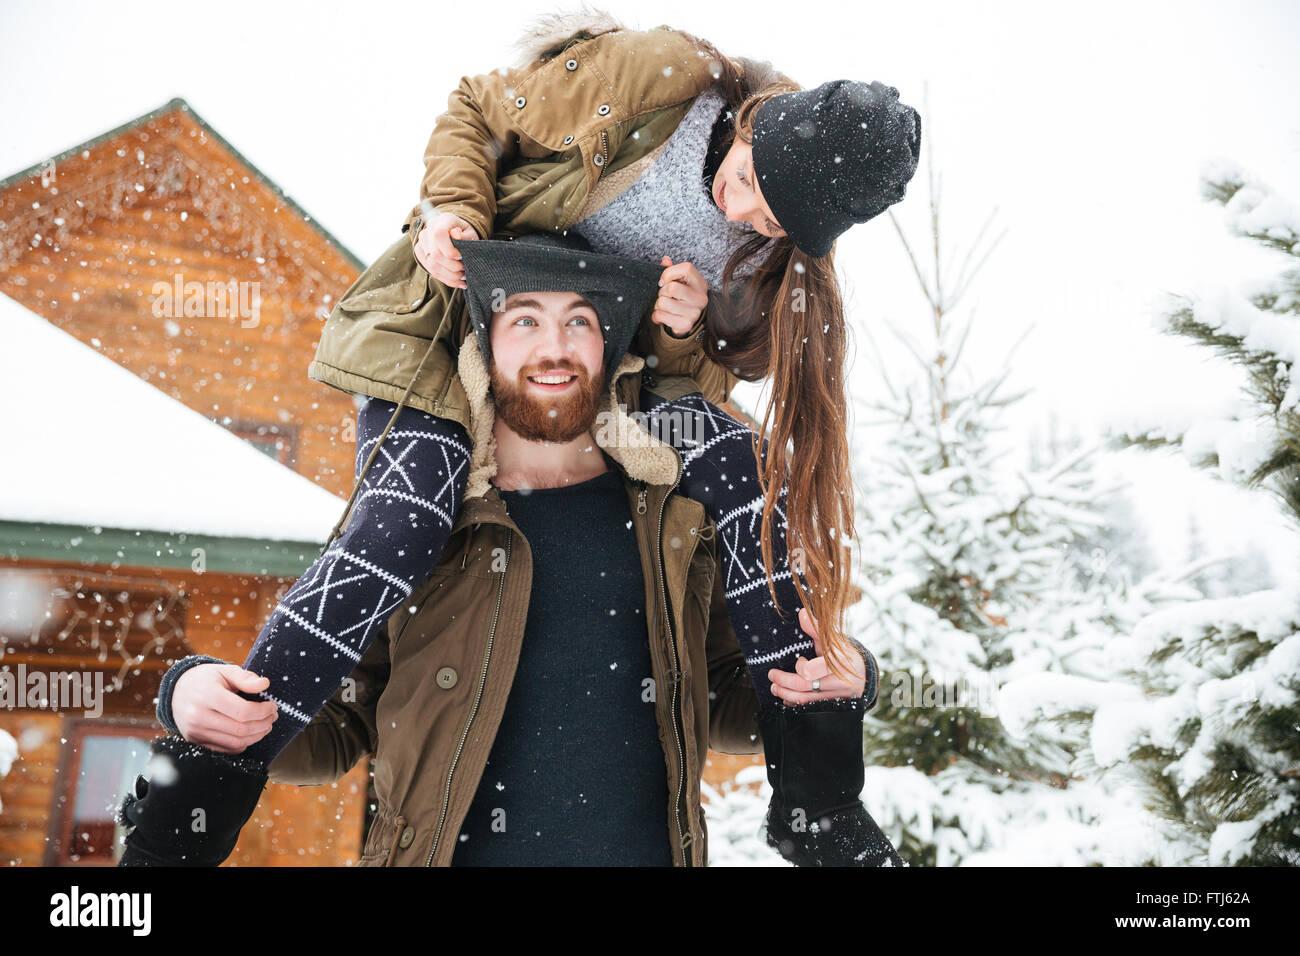 Belle jeune femme assise sur les épaules de l'homme et de s'amuser en hiver Banque D'Images